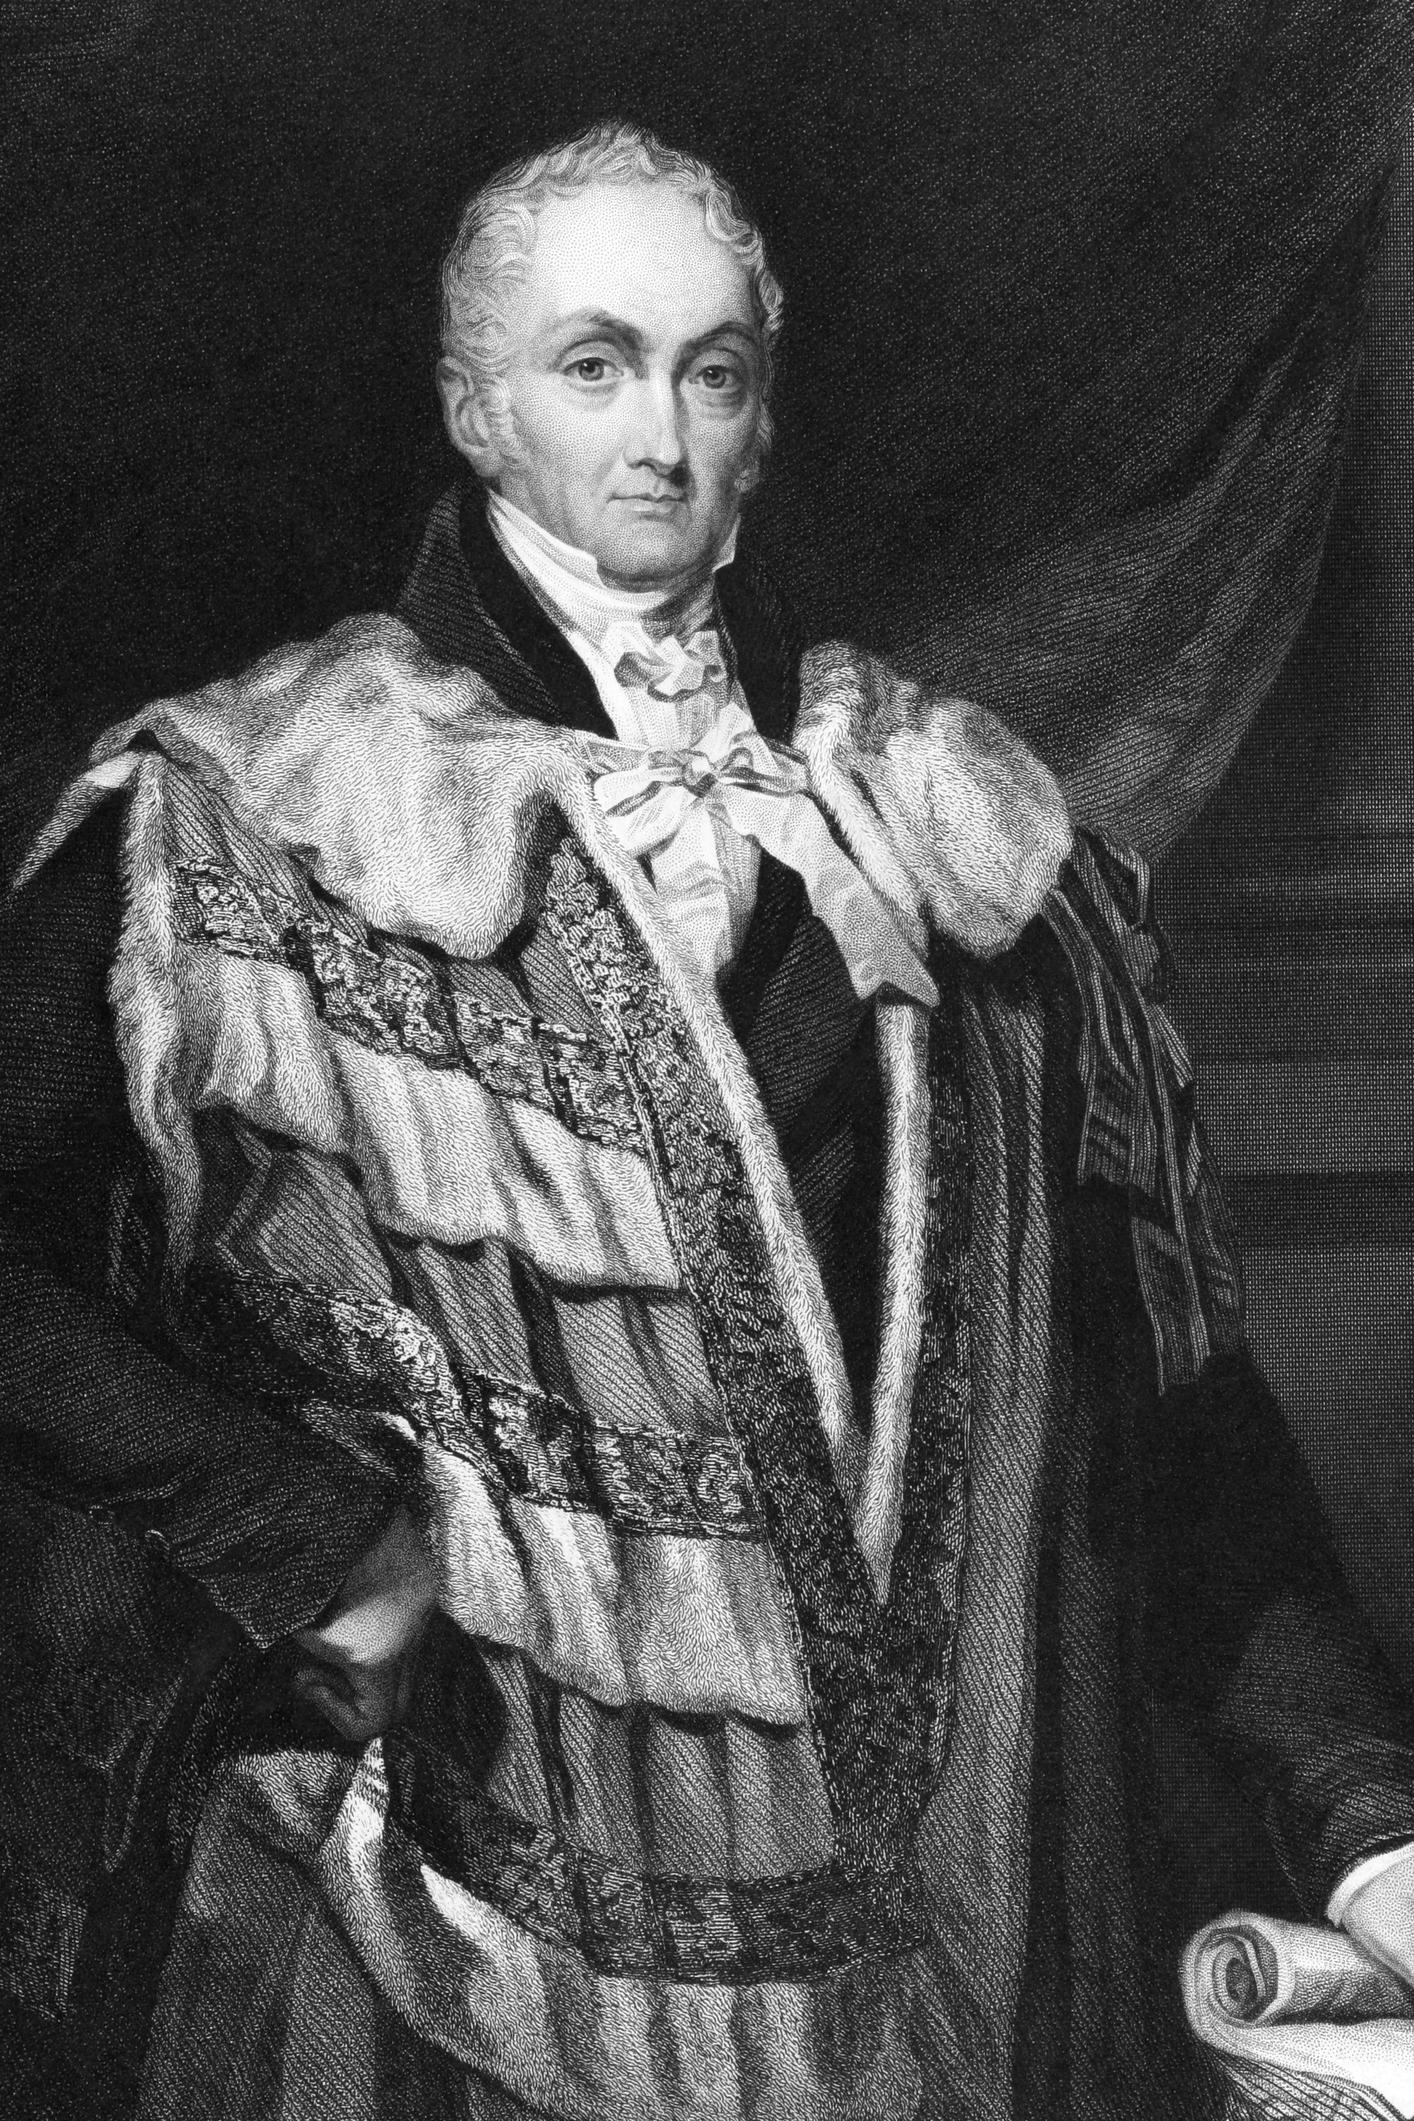 William Courtenay Earl of Devon